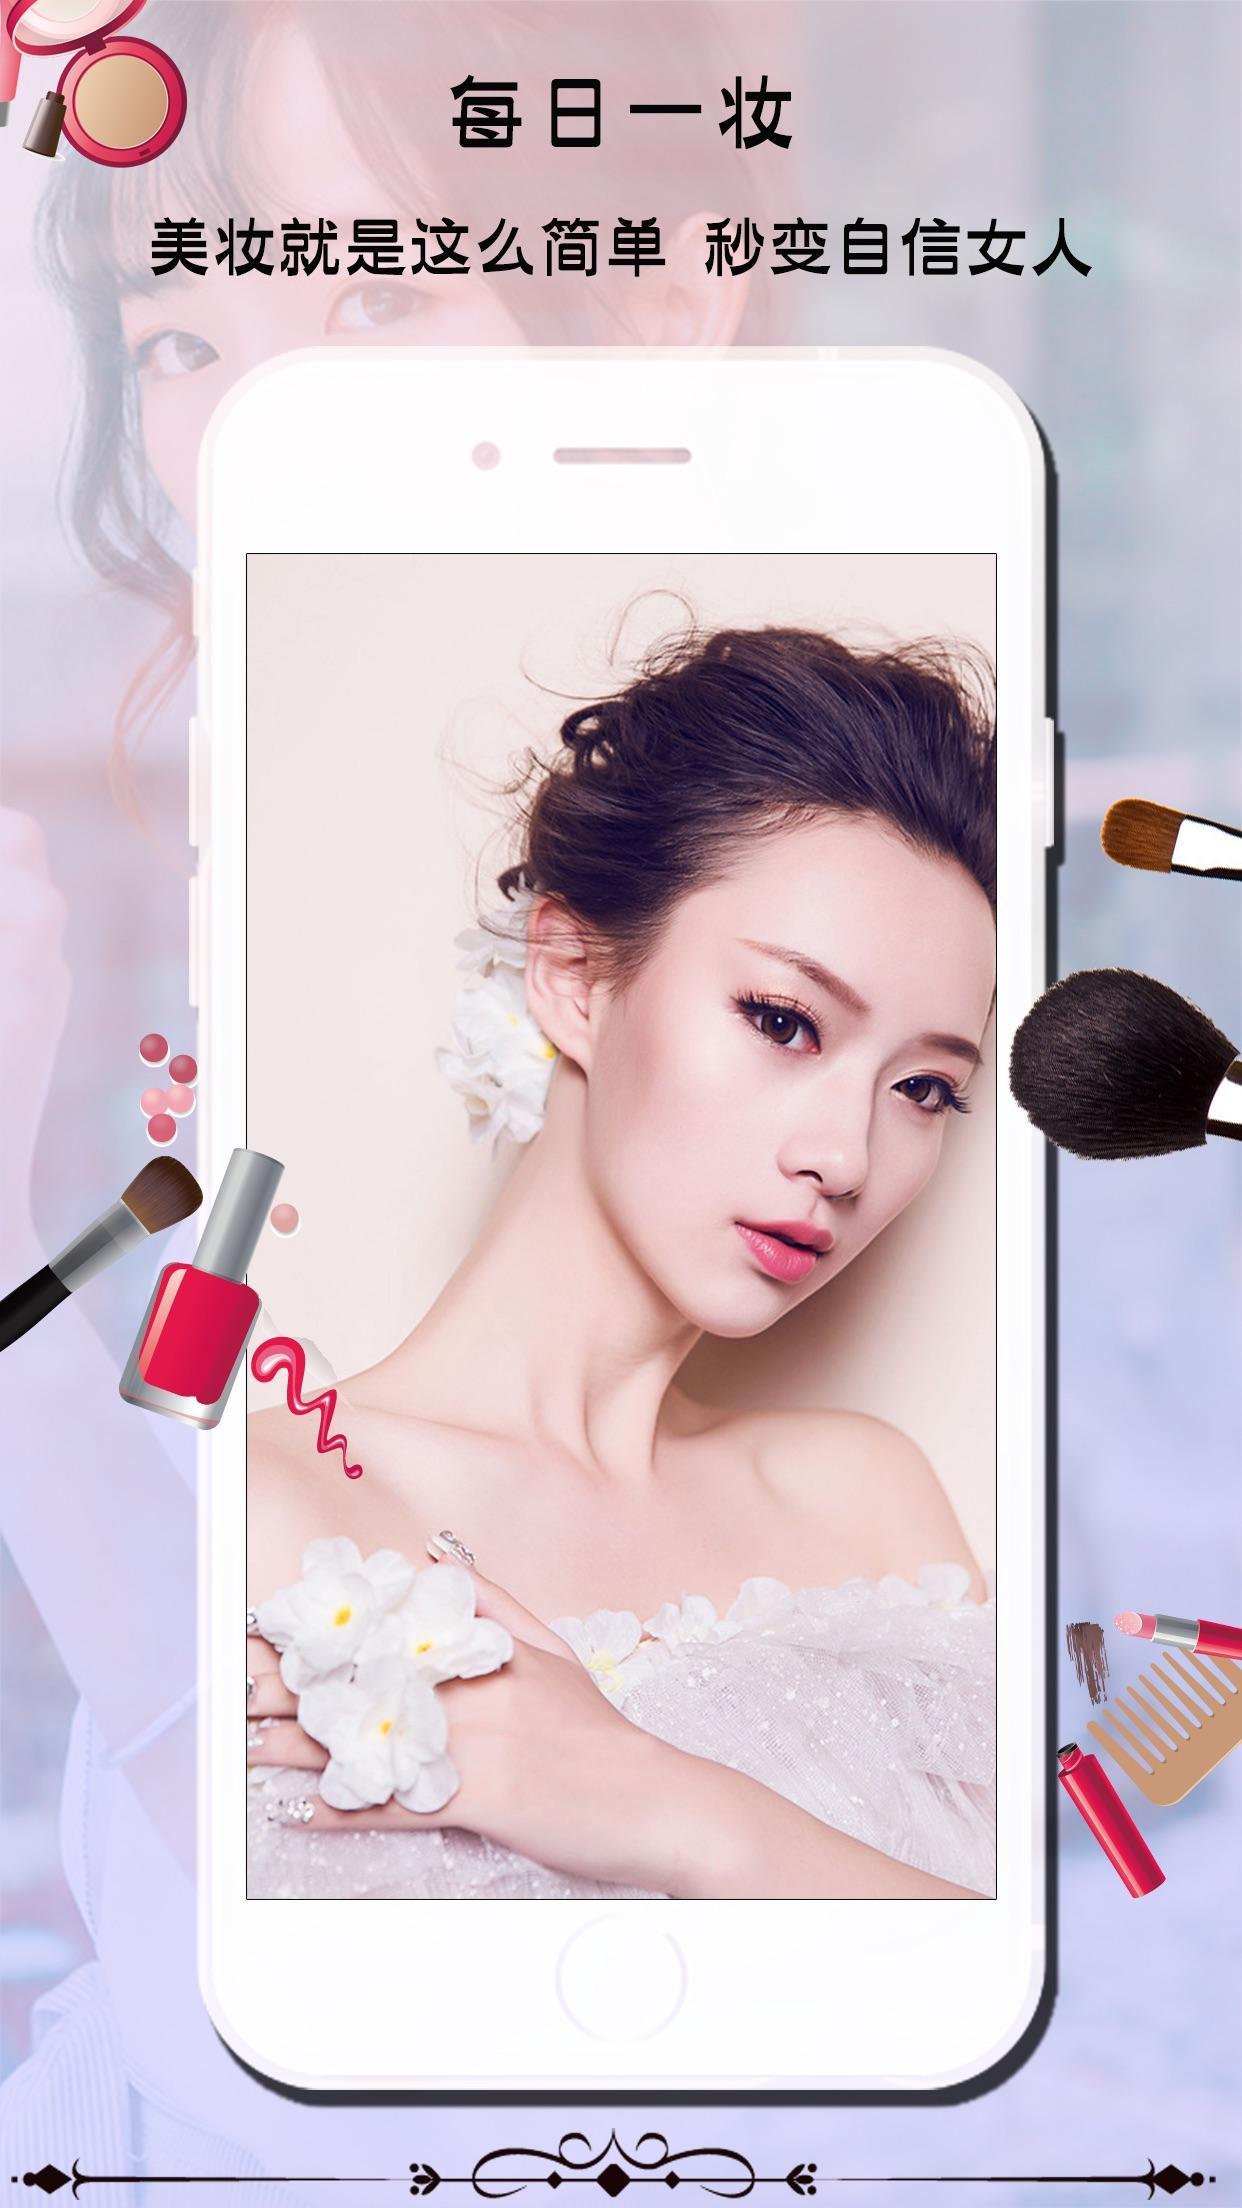 学化妆-美妆美容美甲